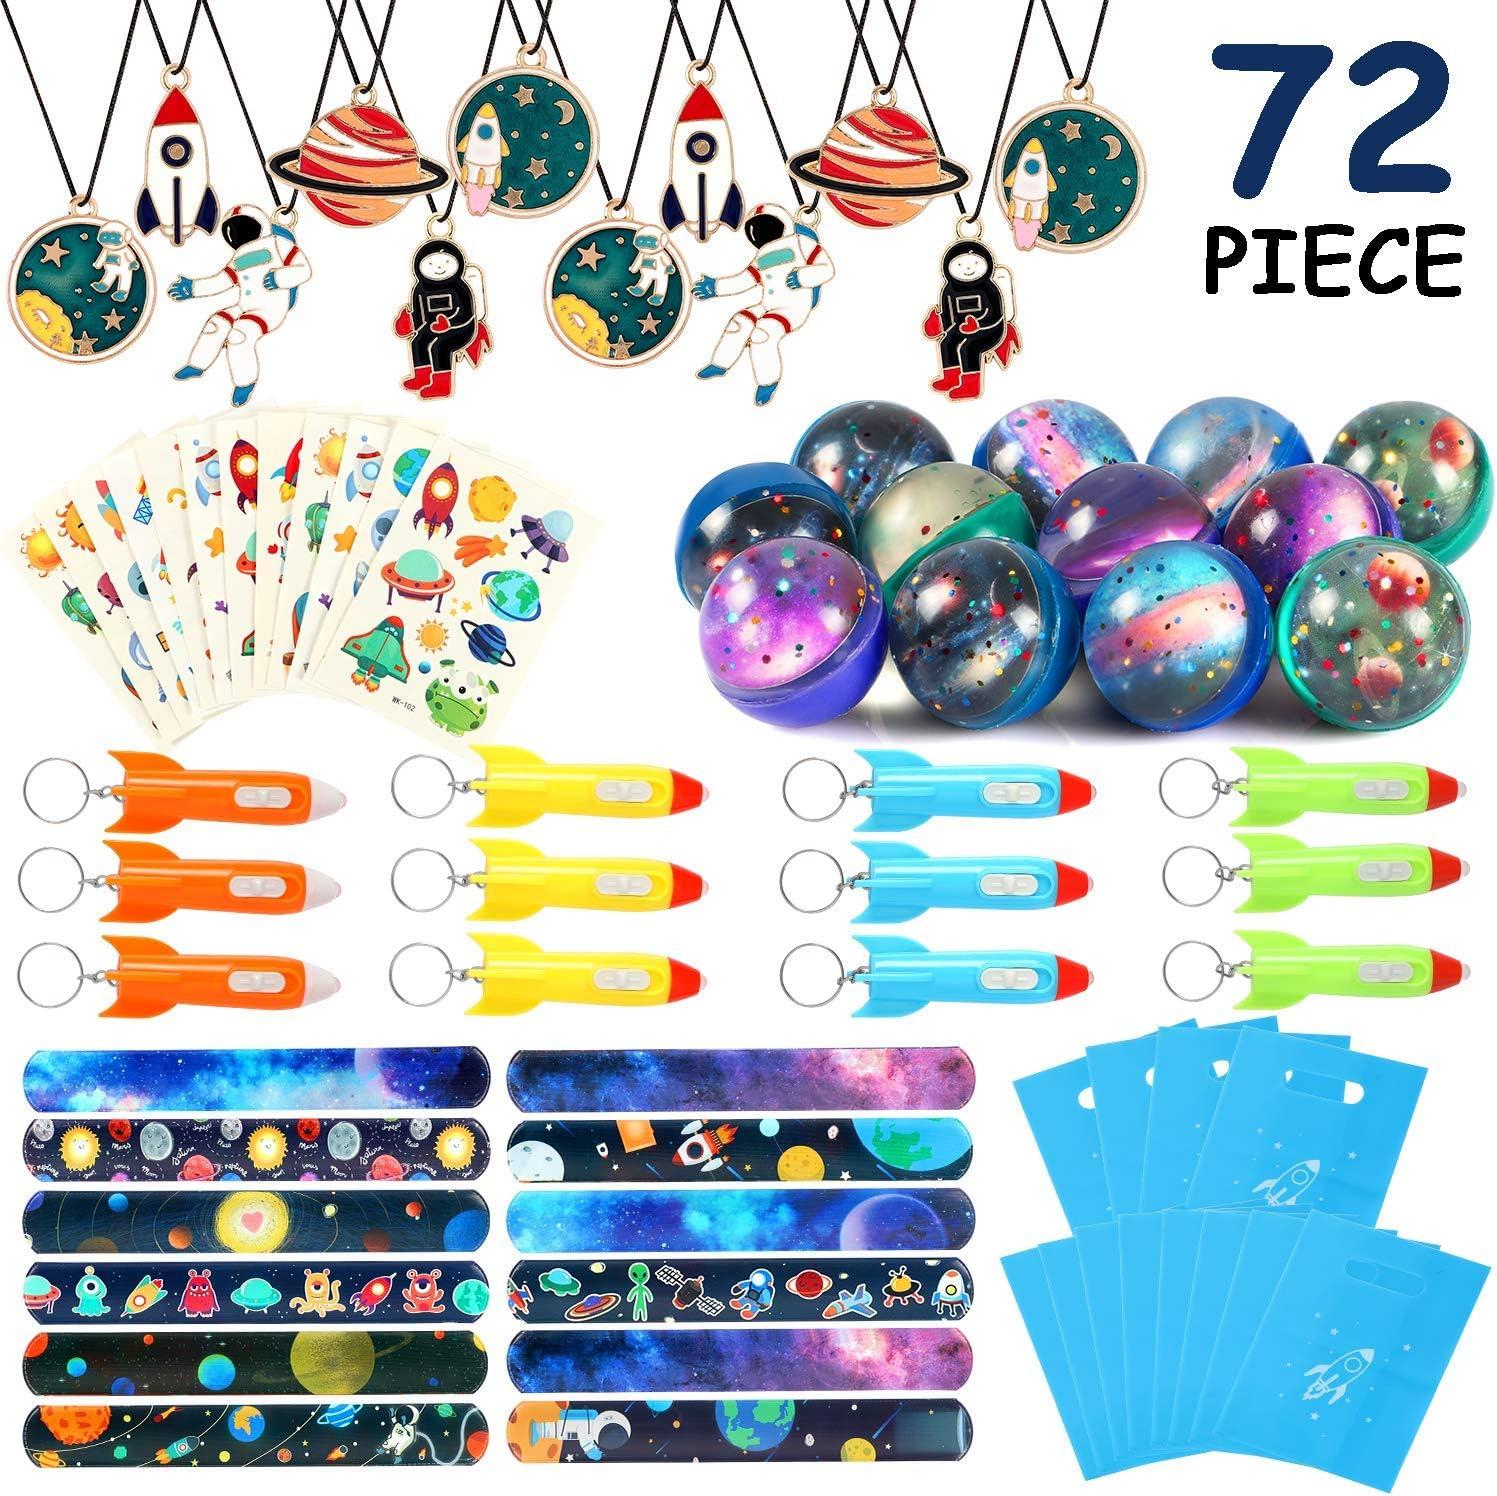 vamei 72 Piezas de Aarticulos de Fiesta Niño Galaxia Suministros de Fiesta en el Espacio Exterior con Pegatinas de Llavero de Cohete Llenadores de Bolsas de Fiesta para niños Regalos Cumpleaños